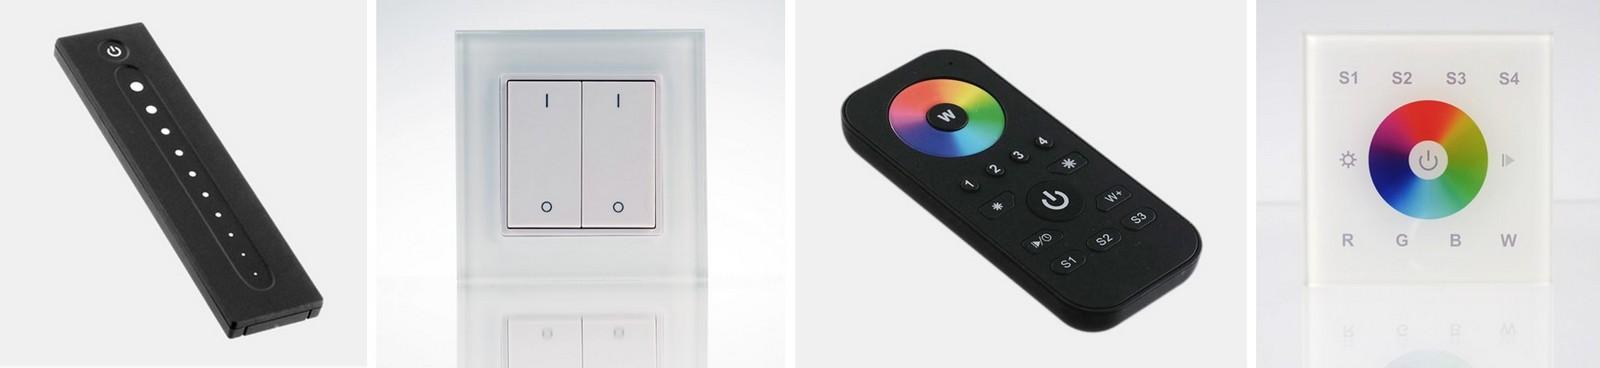 Bild: Fernbedienungen zur LED-Steuerung